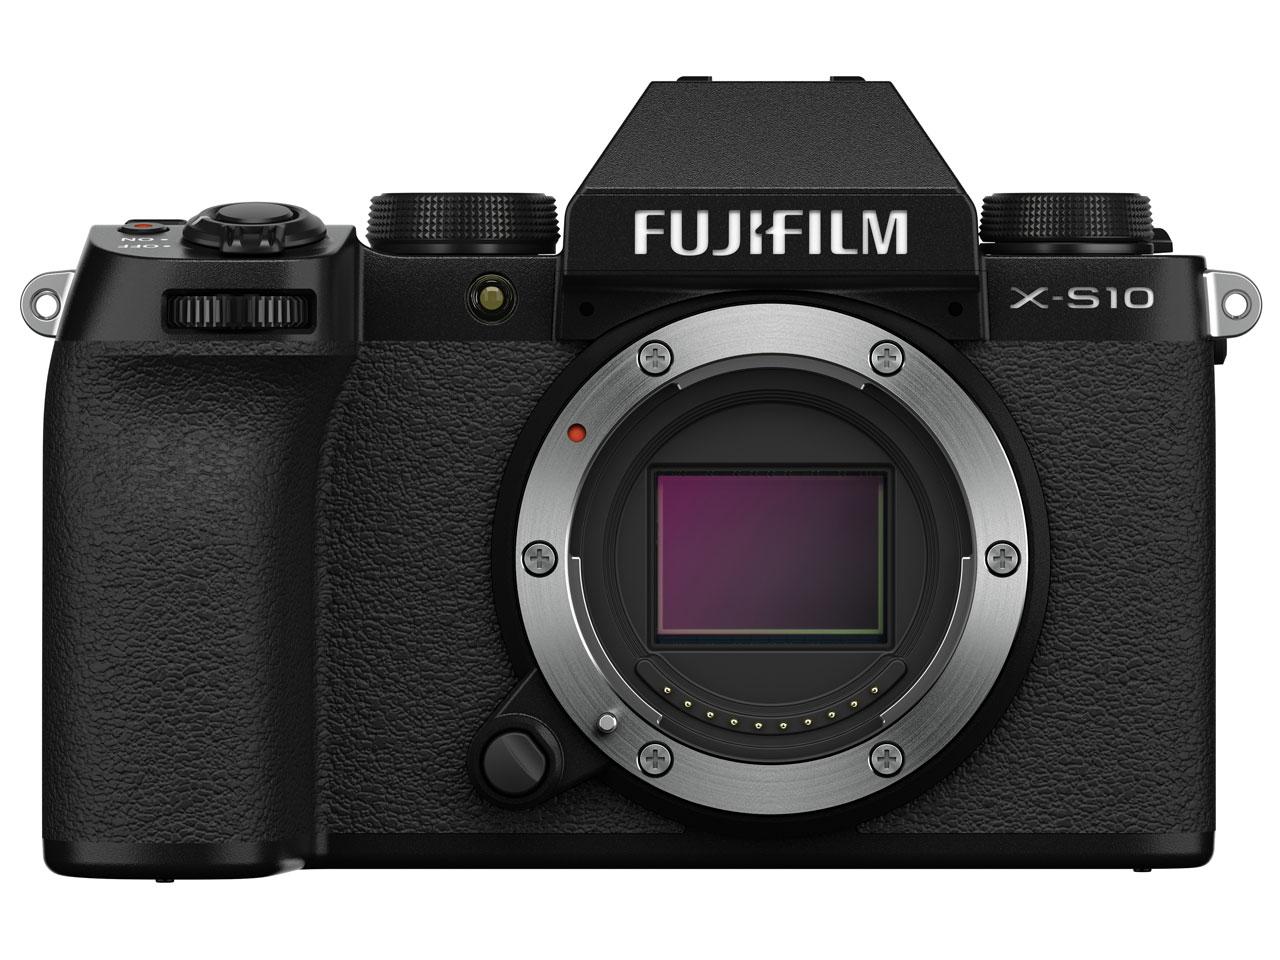 FUJIFILM X-S10 ボディ の製品画像